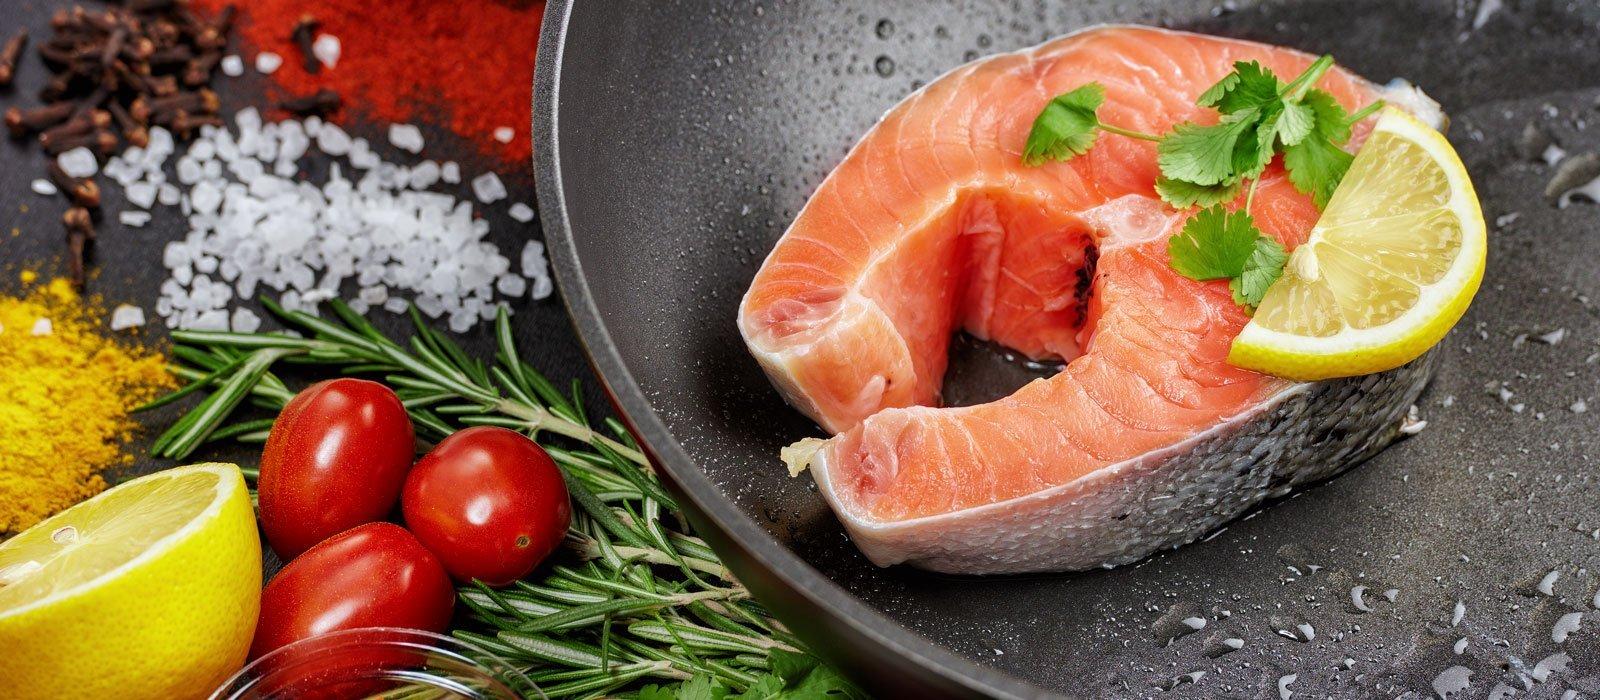 Symbolbild Ernährung zeigt eine Pfanne mit gekochtem Lachs und Gewürze und Früchte